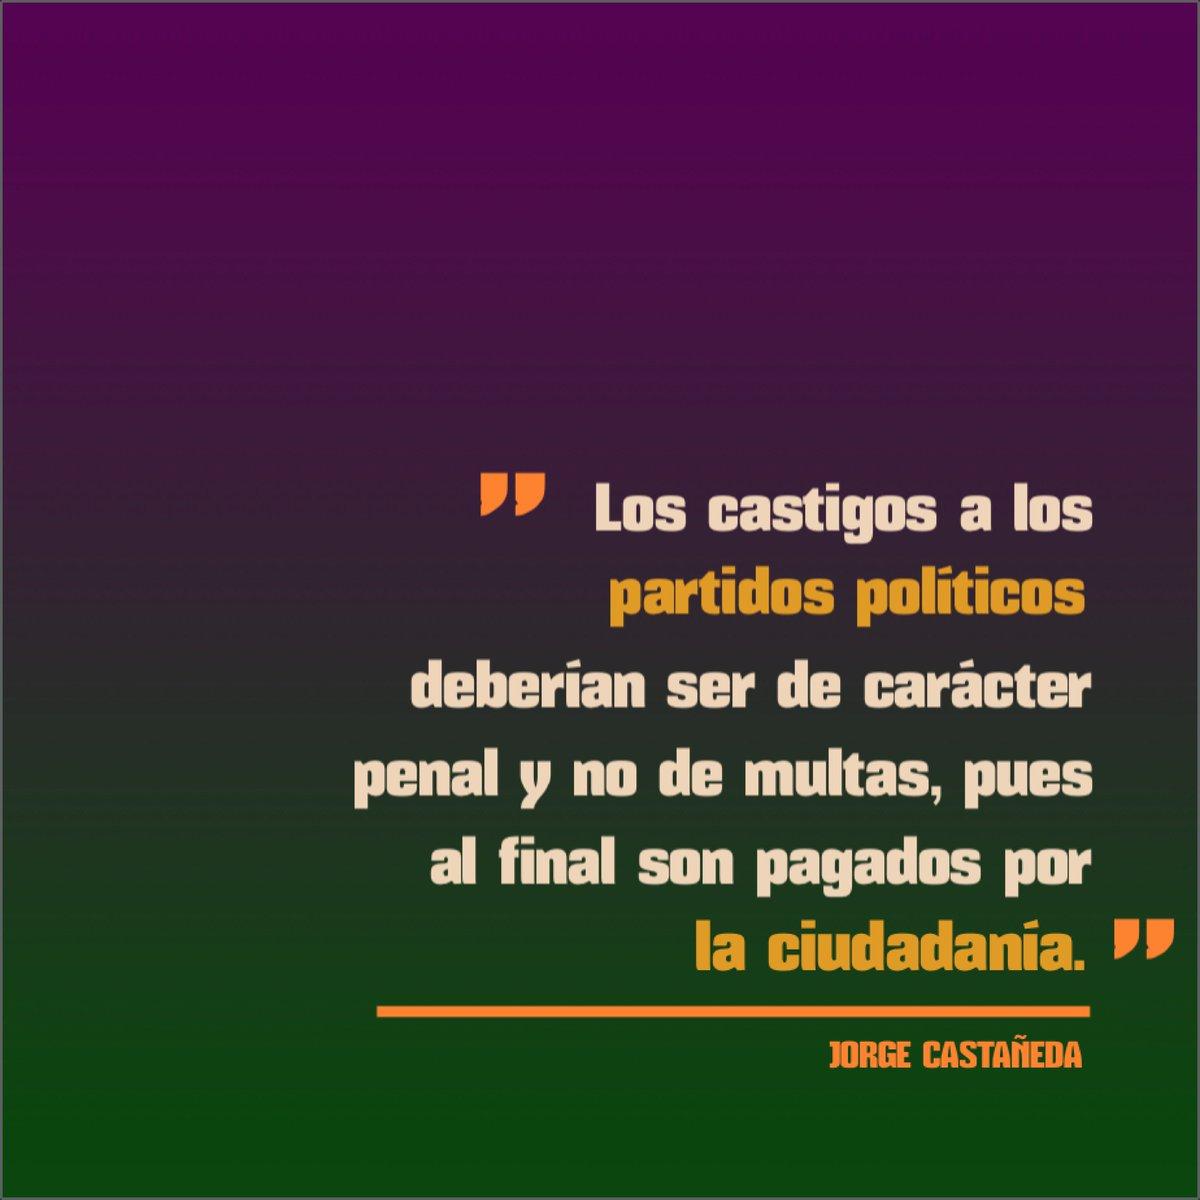 Siempre he considerado que los castigos a los partidos políticos, son una burla para la sociedad.#AgendaCiudadana https://t.co/u7o5MY13Jo